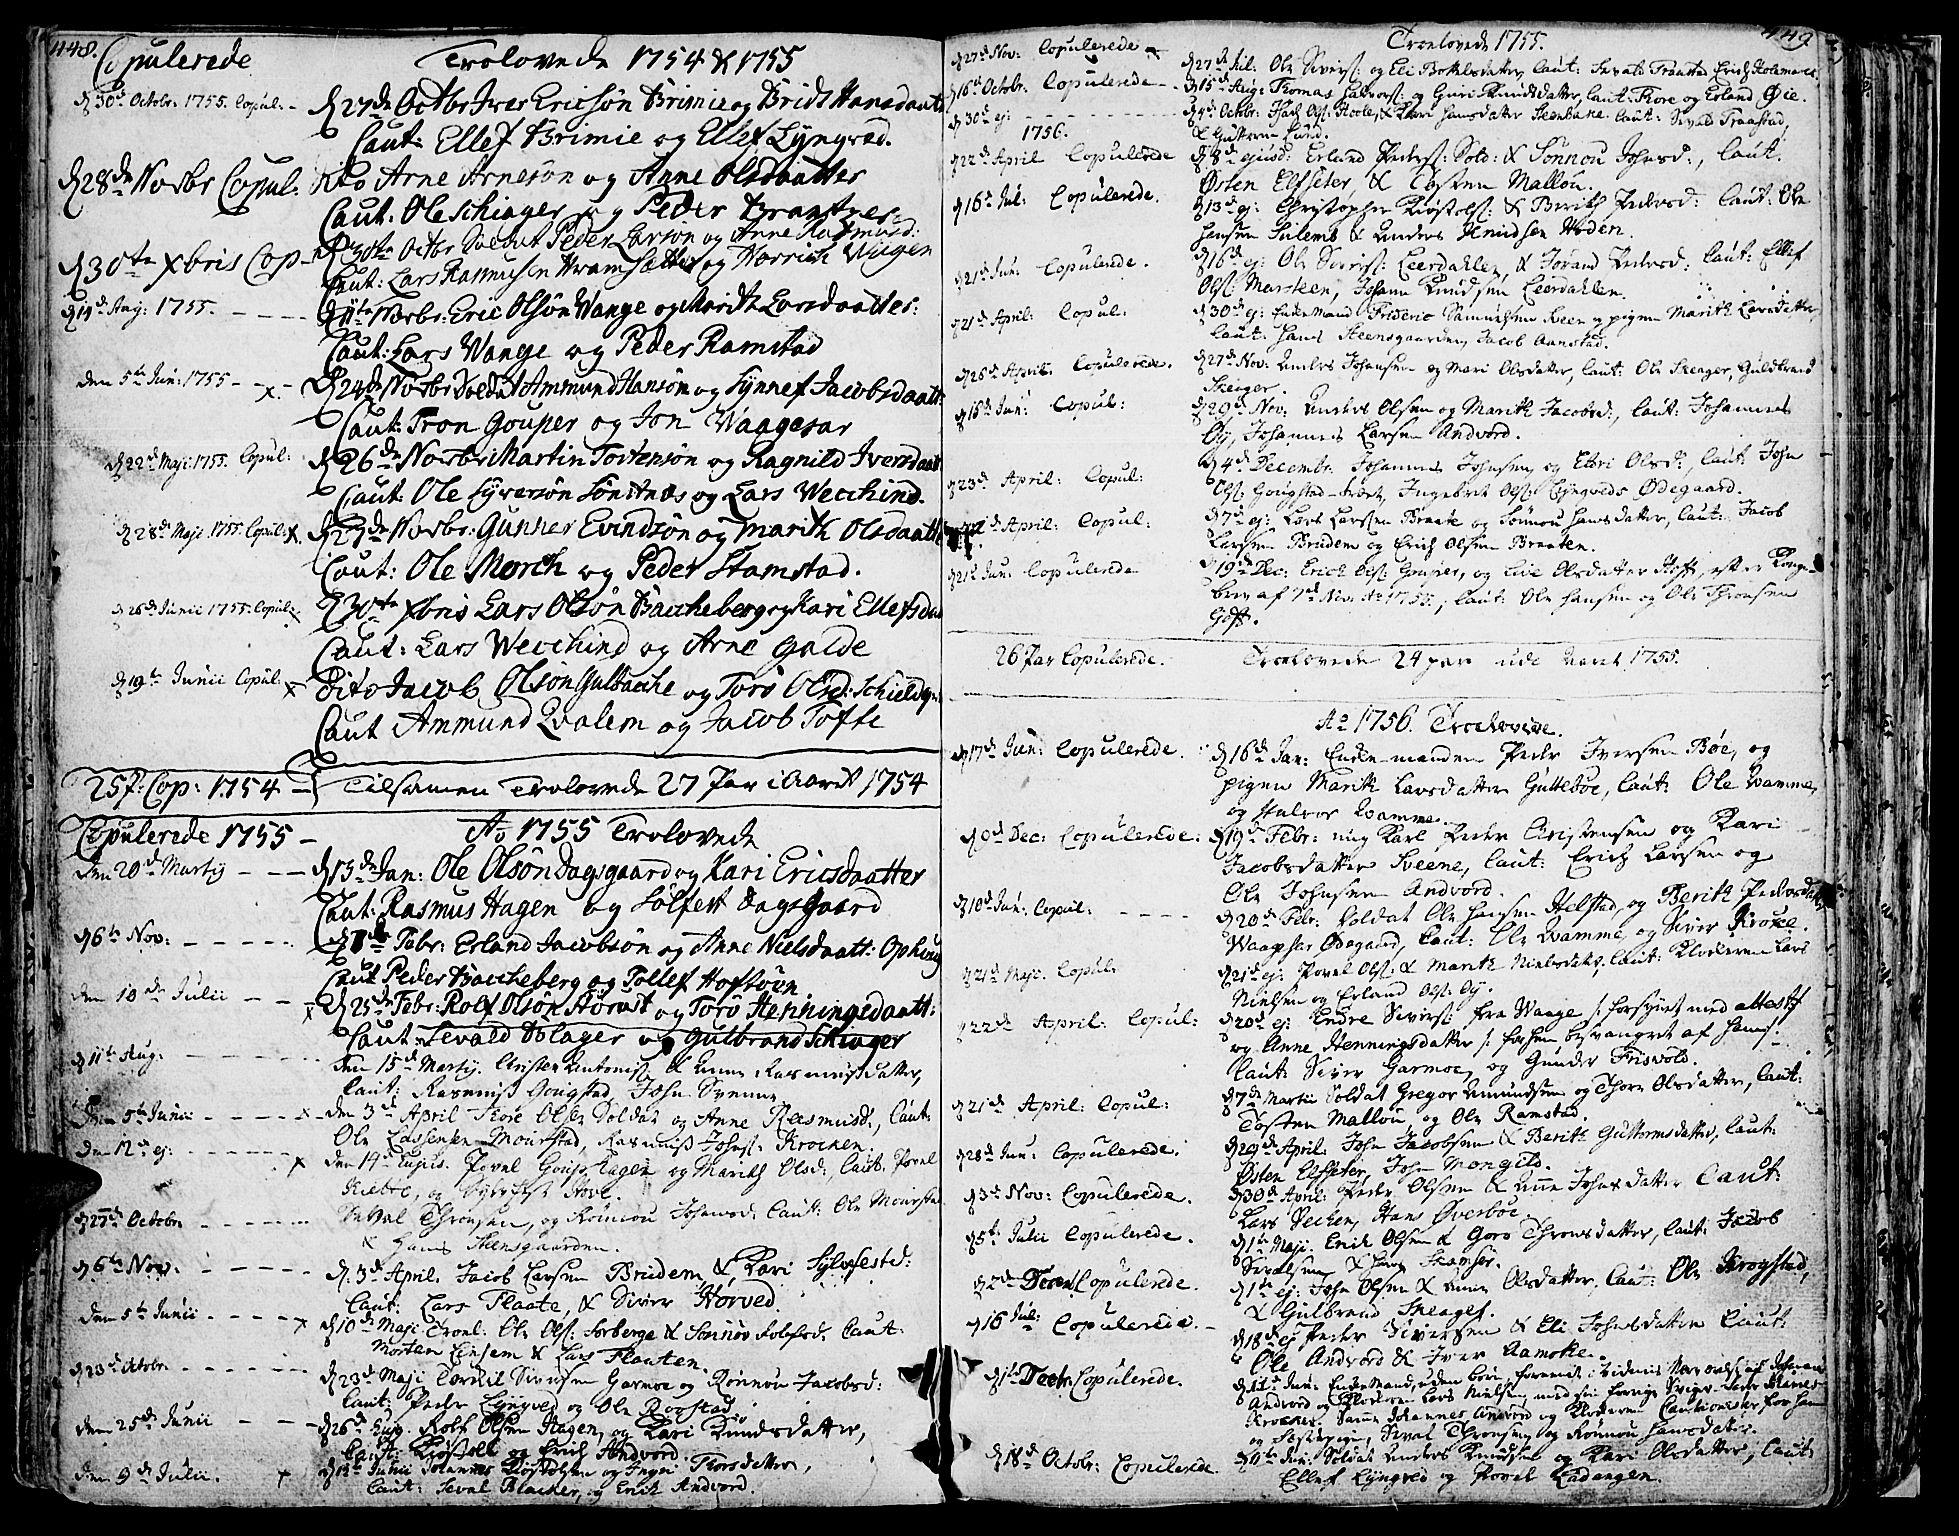 SAH, Lom prestekontor, K/L0002: Ministerialbok nr. 2, 1749-1801, s. 448-449